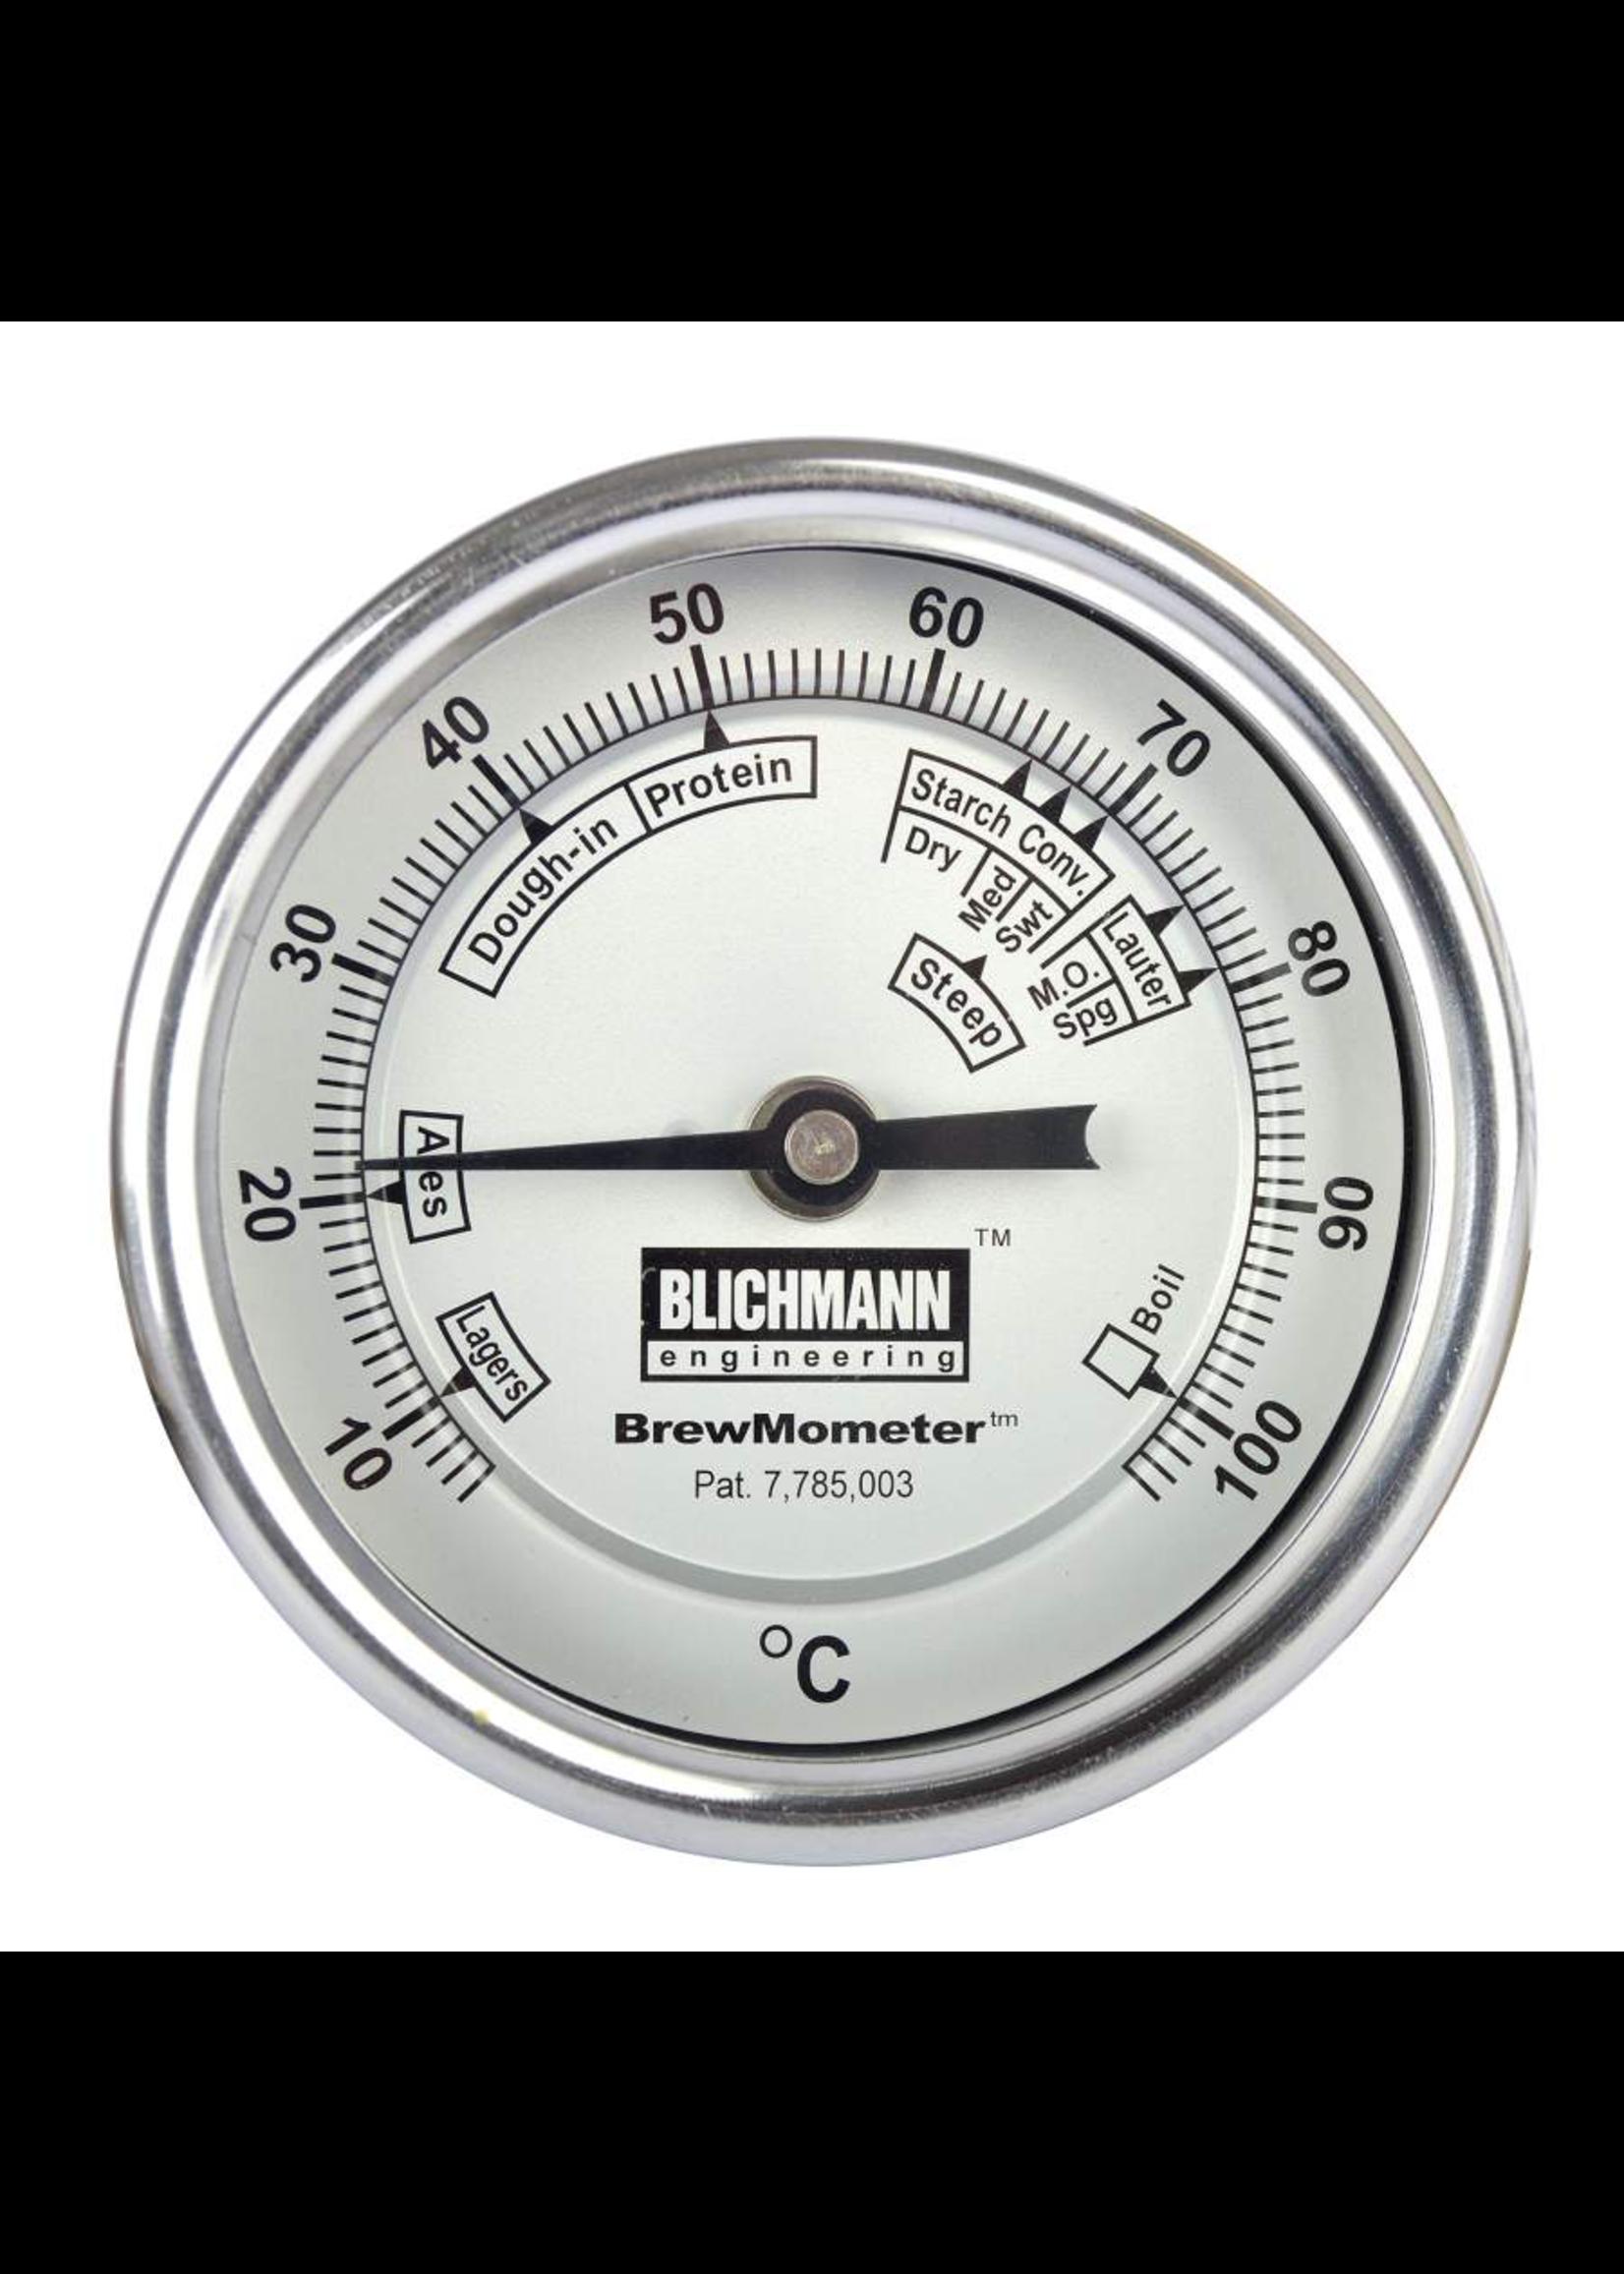 Blichmann Blichmann BrewMometer - Adjustable Angle Weldless (Celsius)